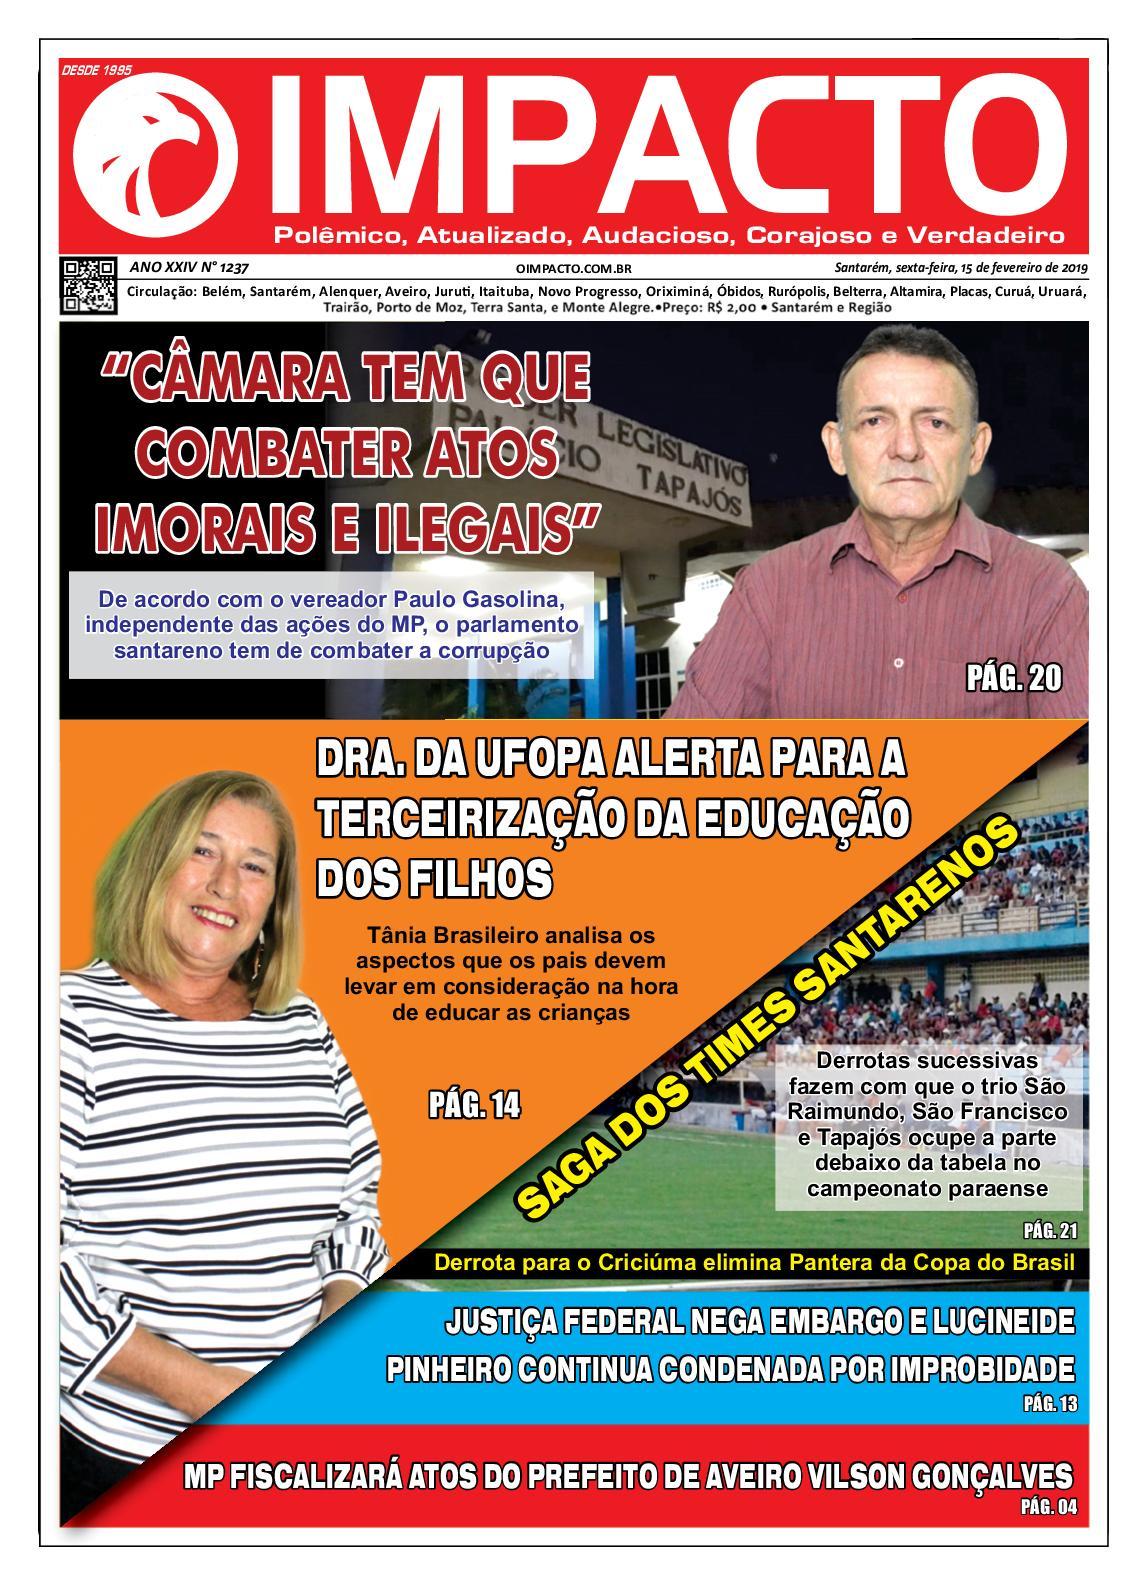 Jornal O Impacto Ed. 1237